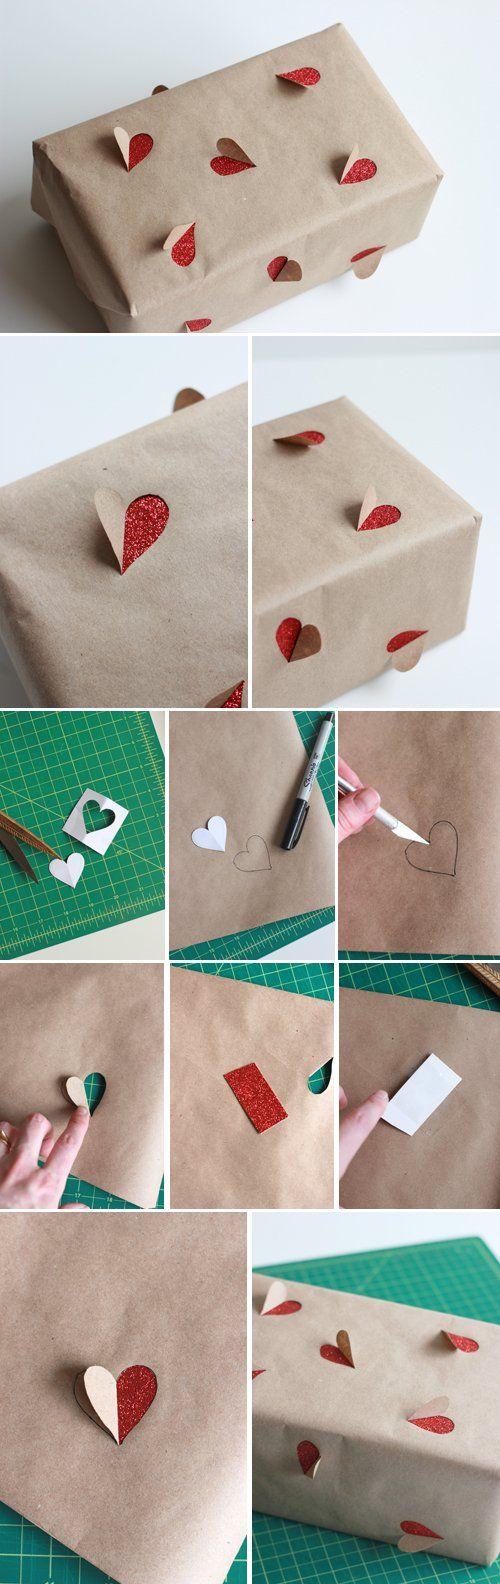 Idées papier cadeaux créatif